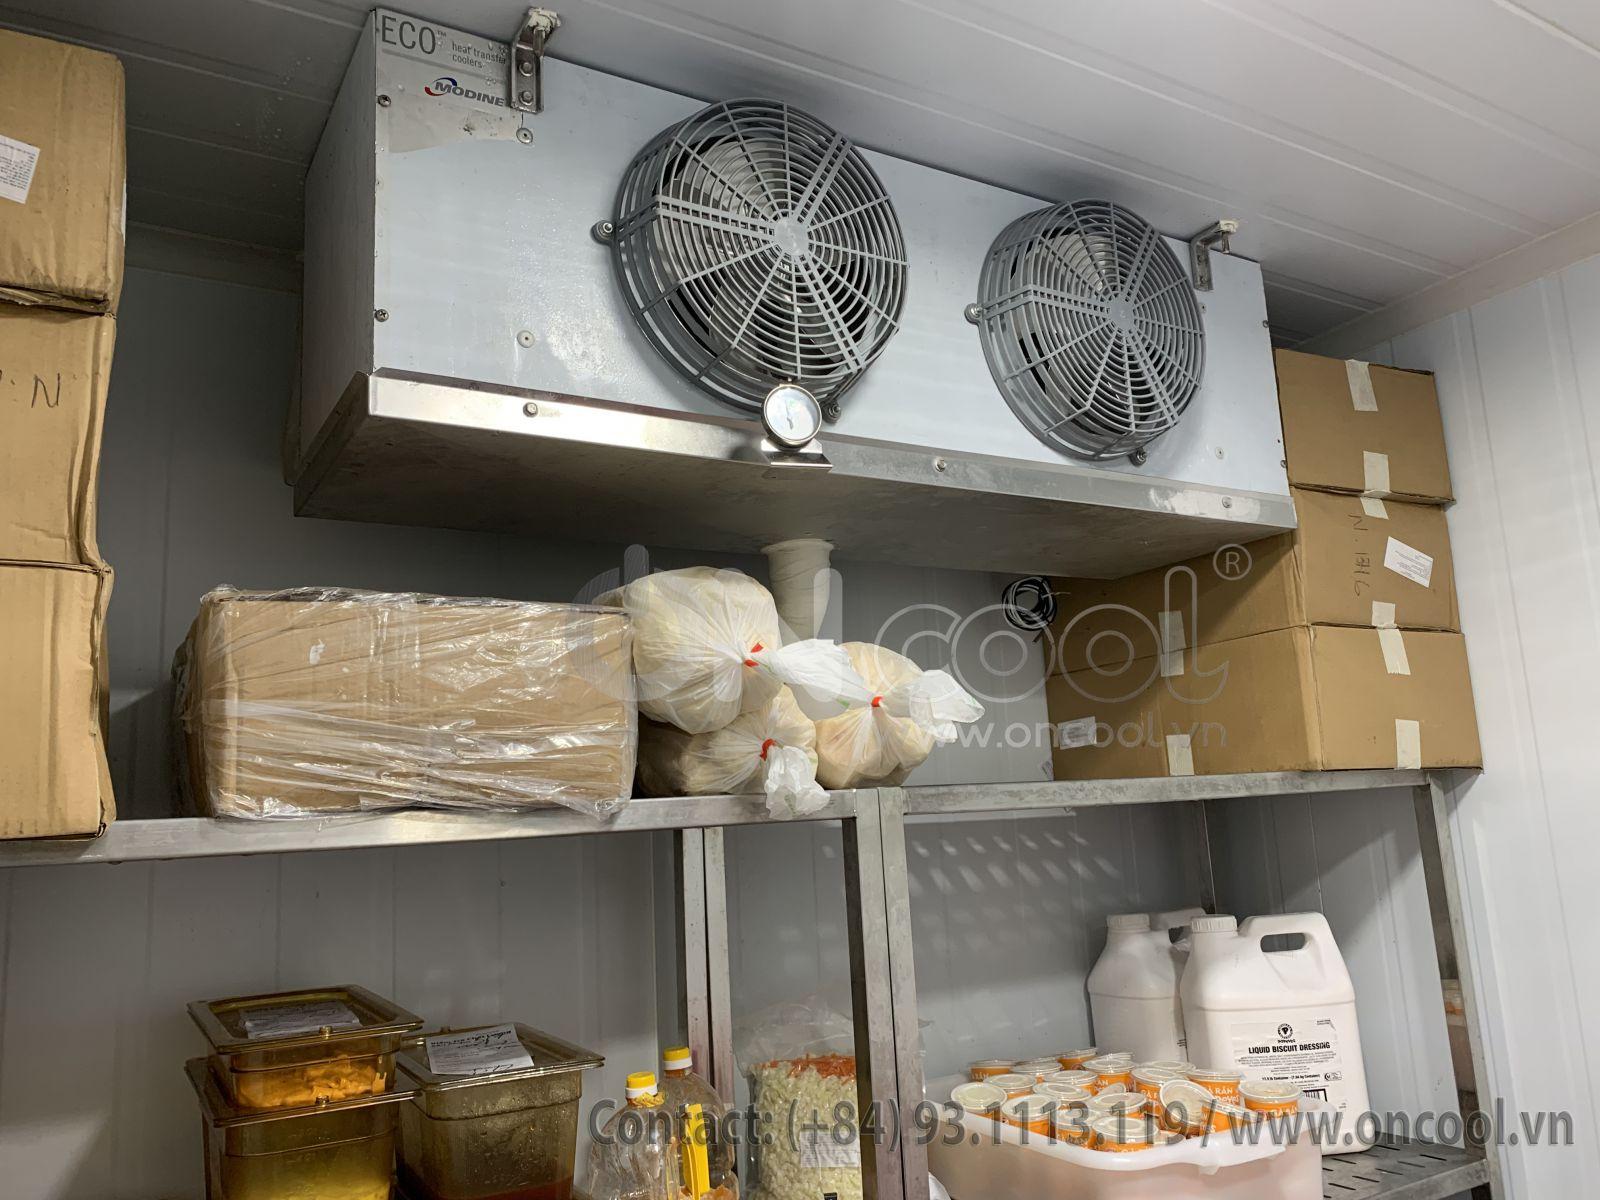 Kho đông lạnh công nghiệp này cấp đông ở nhiệt độ từ – 20°C đến – 30ºC